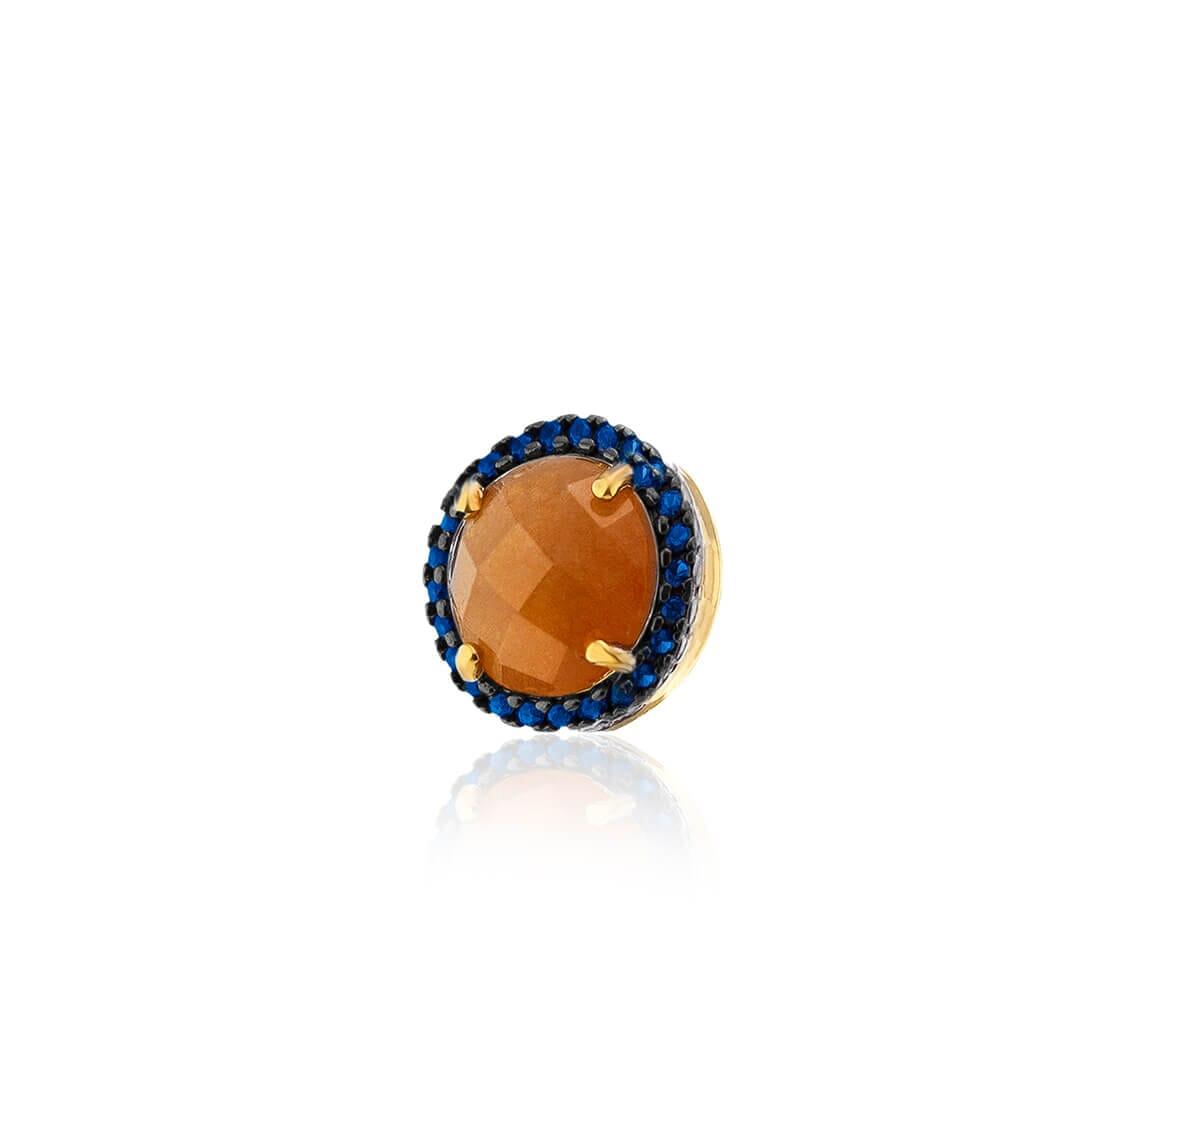 Pingente Folheado a Ouro 18k com pedra hambúrguer cravejado com zircônia azul